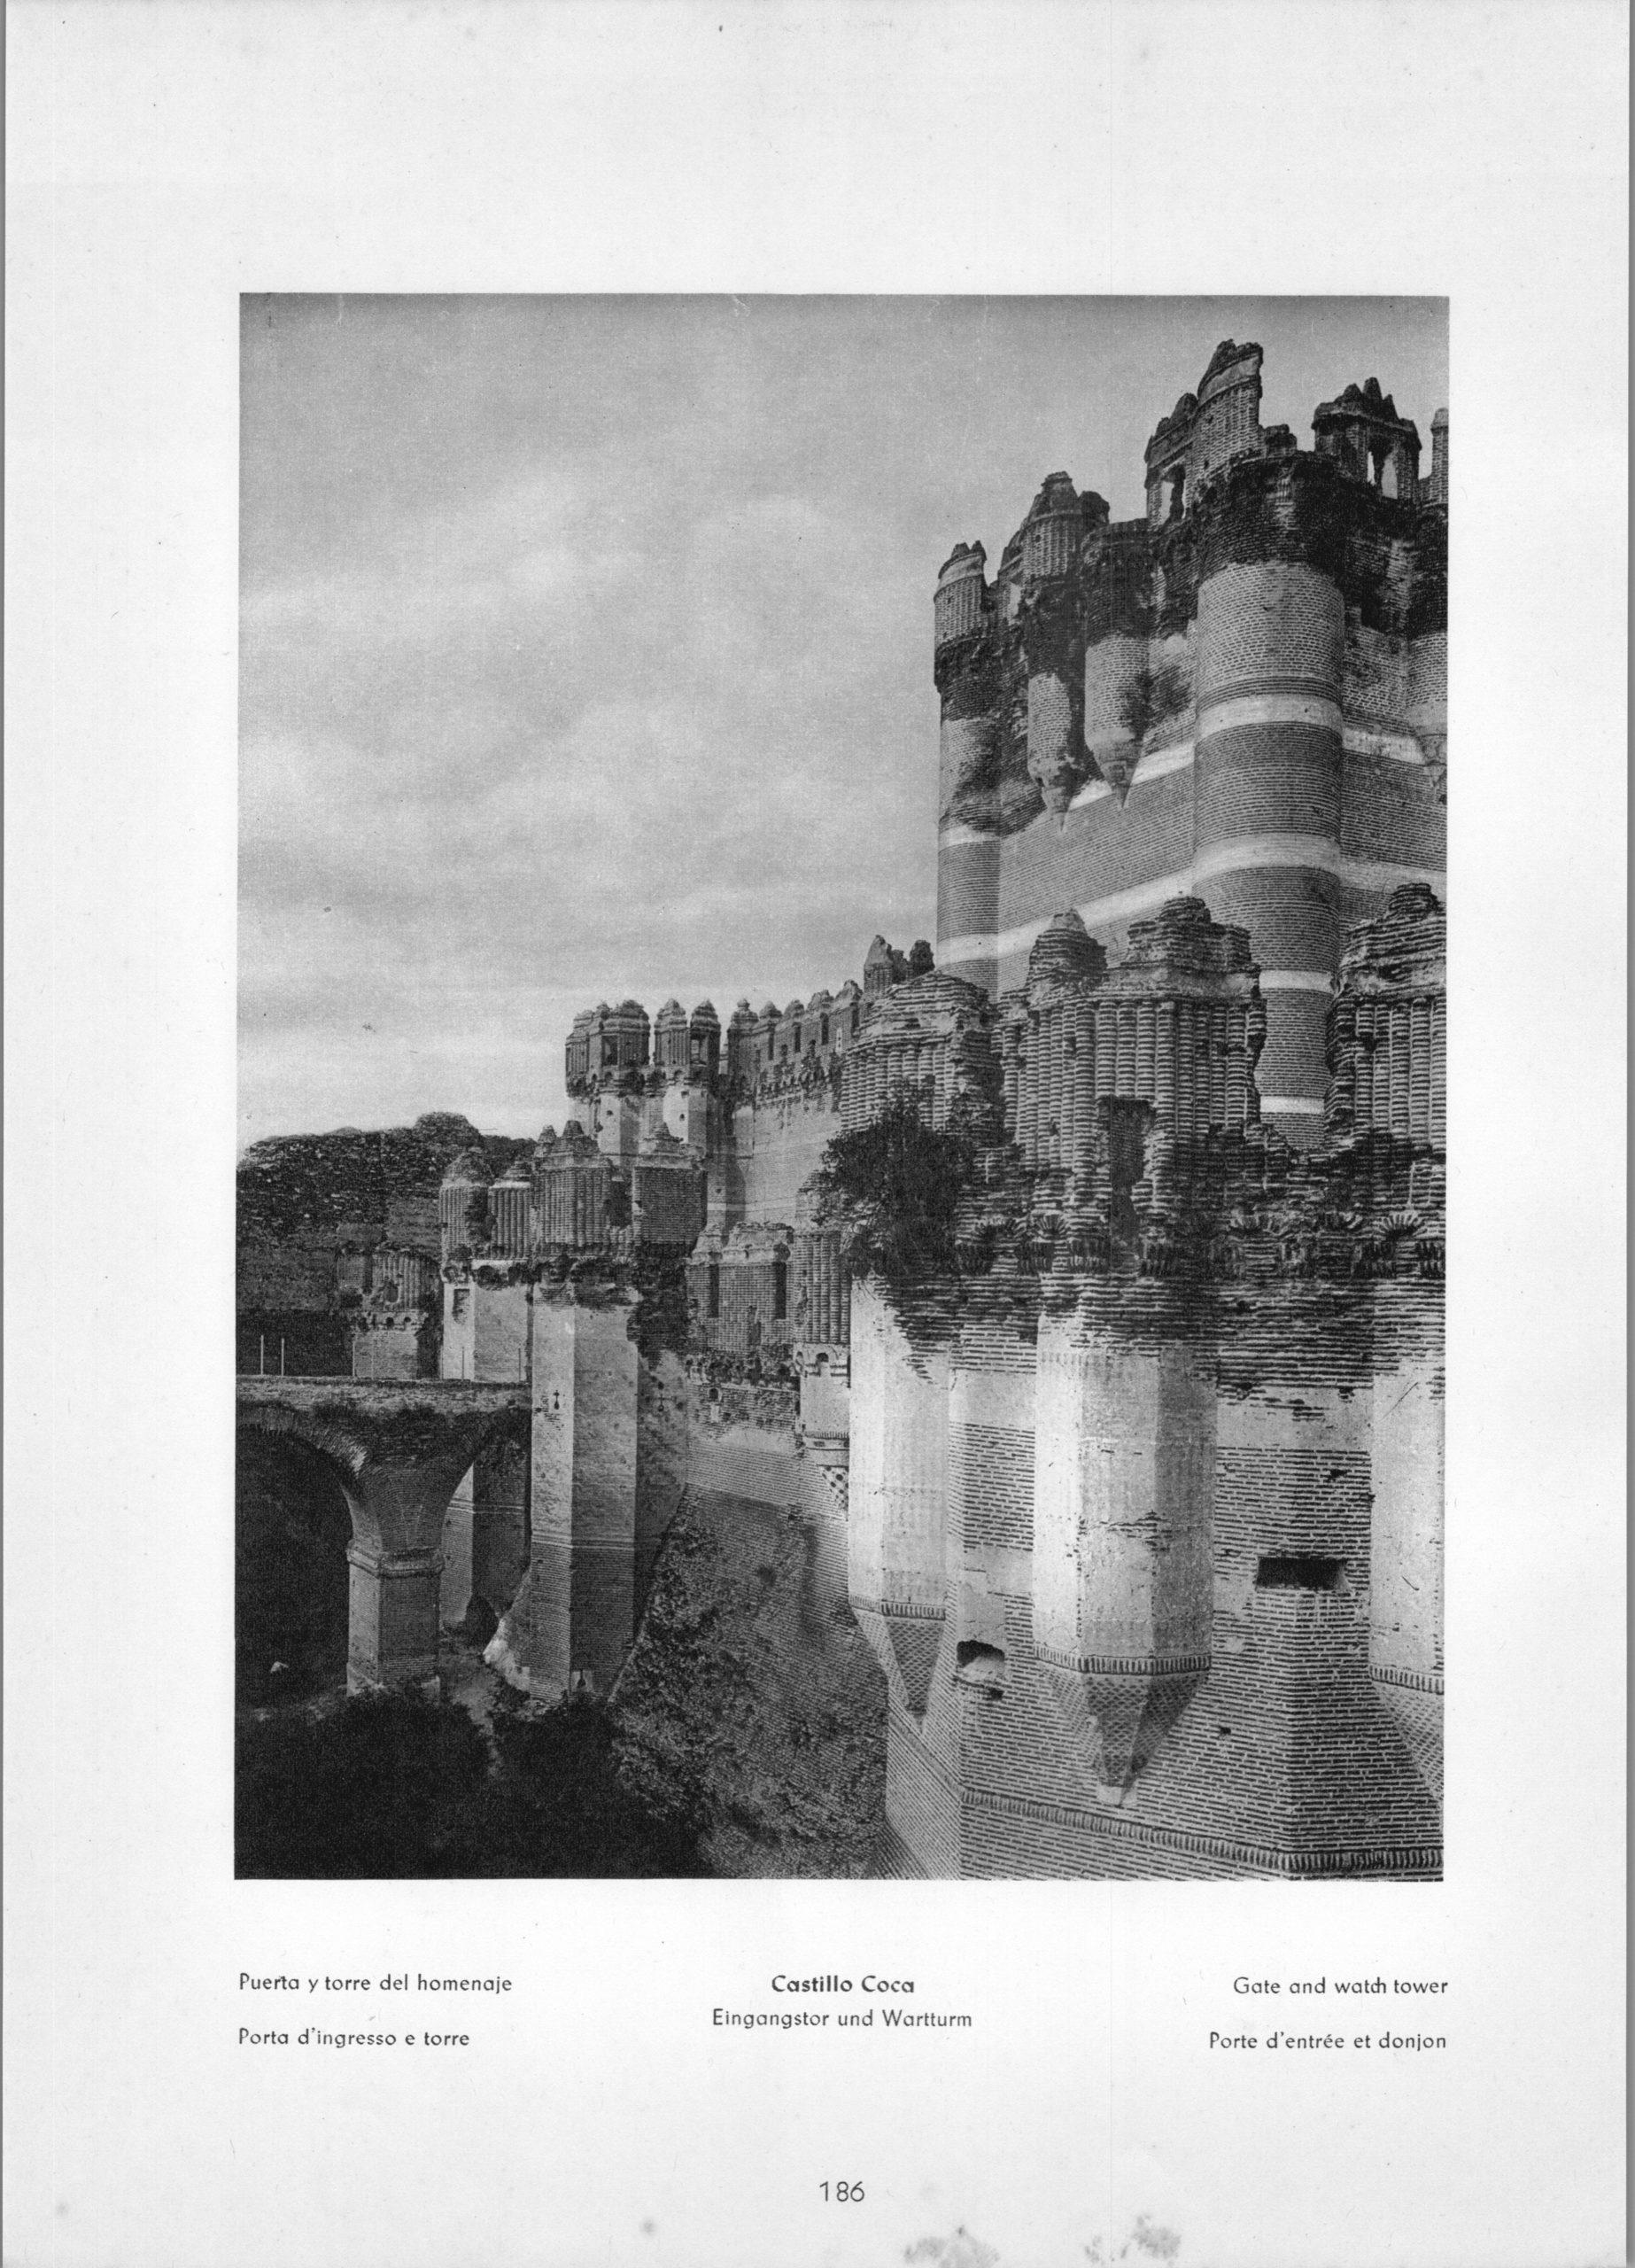 Coca Castillo de Coca - Gate and watch tower